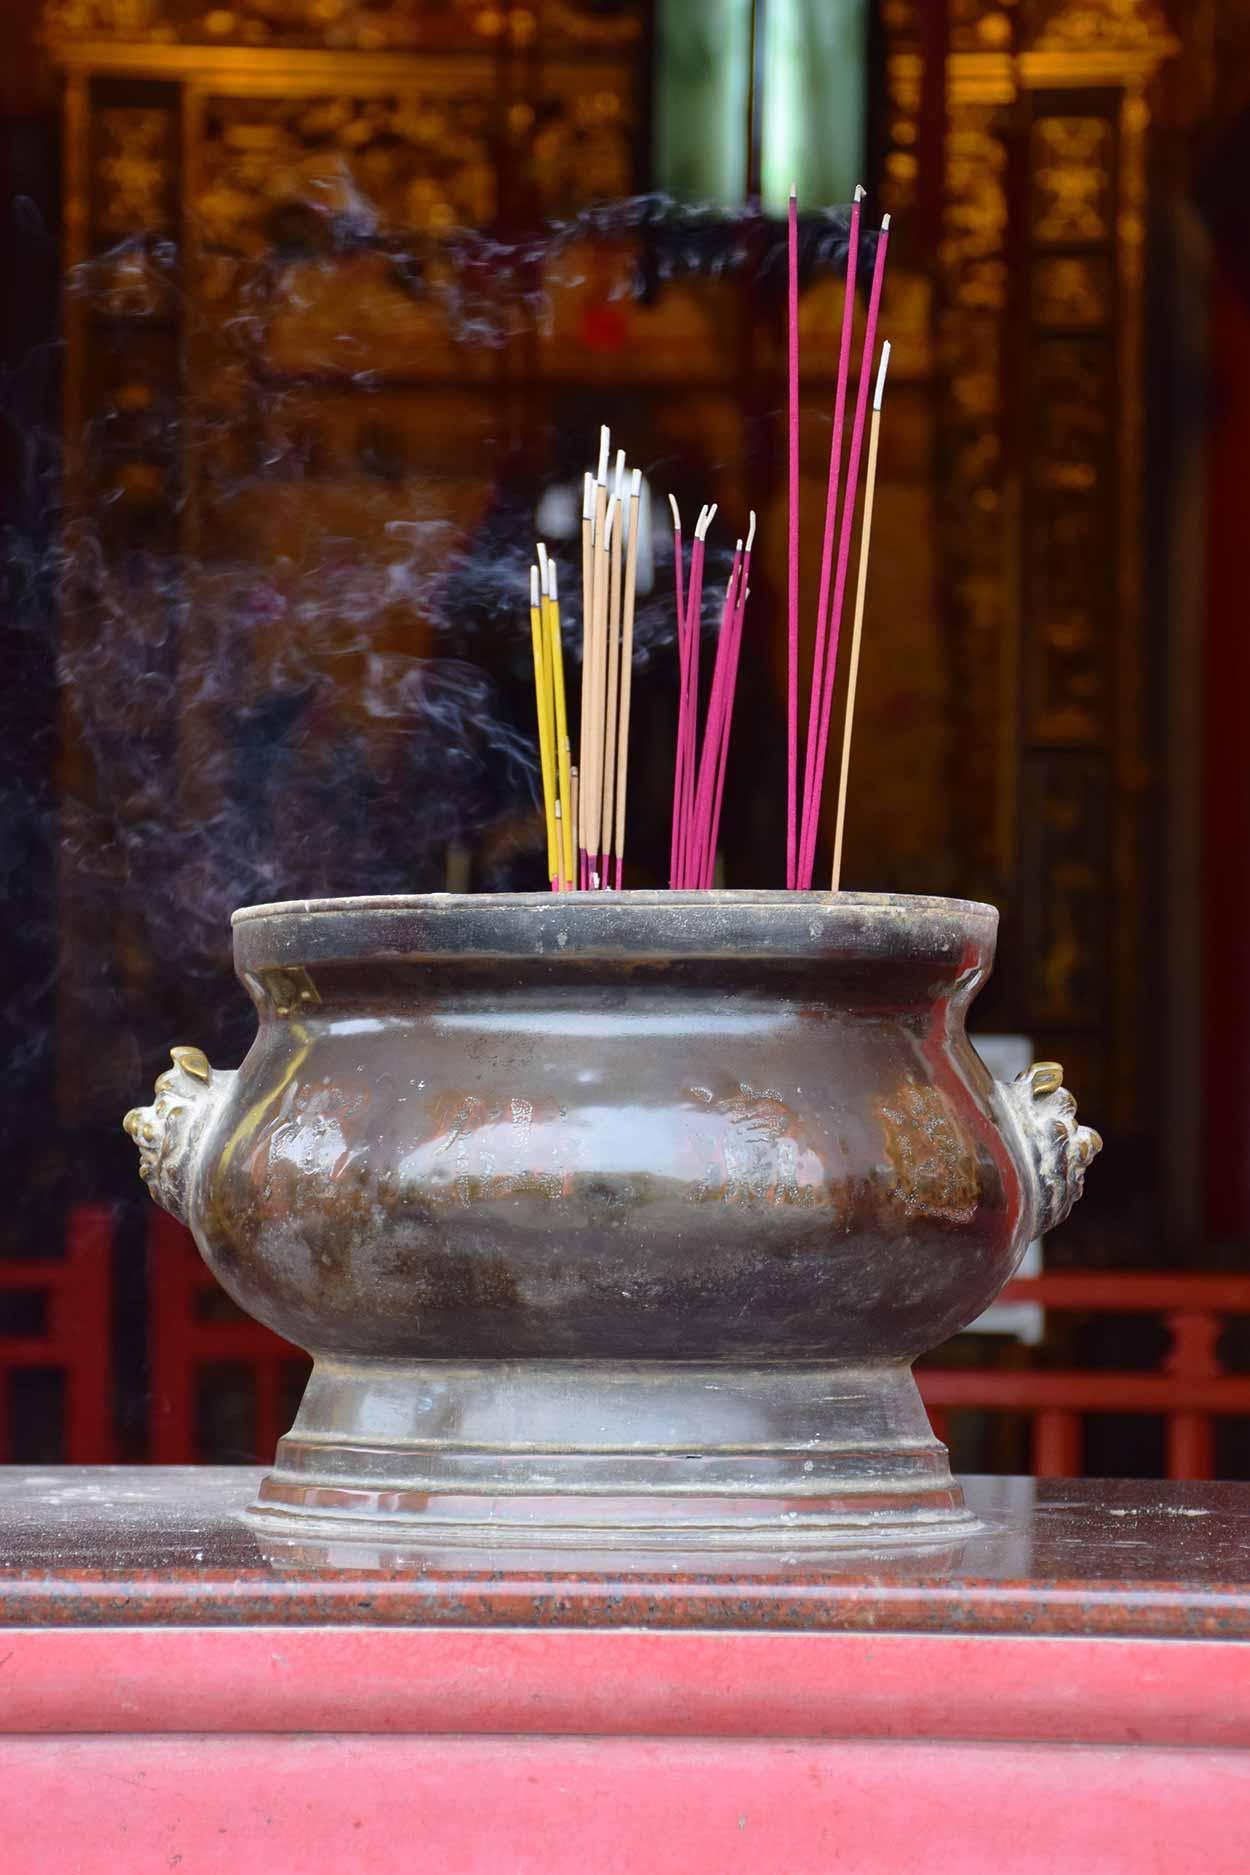 Incense burning at Fung Ying Seen Koon main temple, Fanling, Hong Kong, China